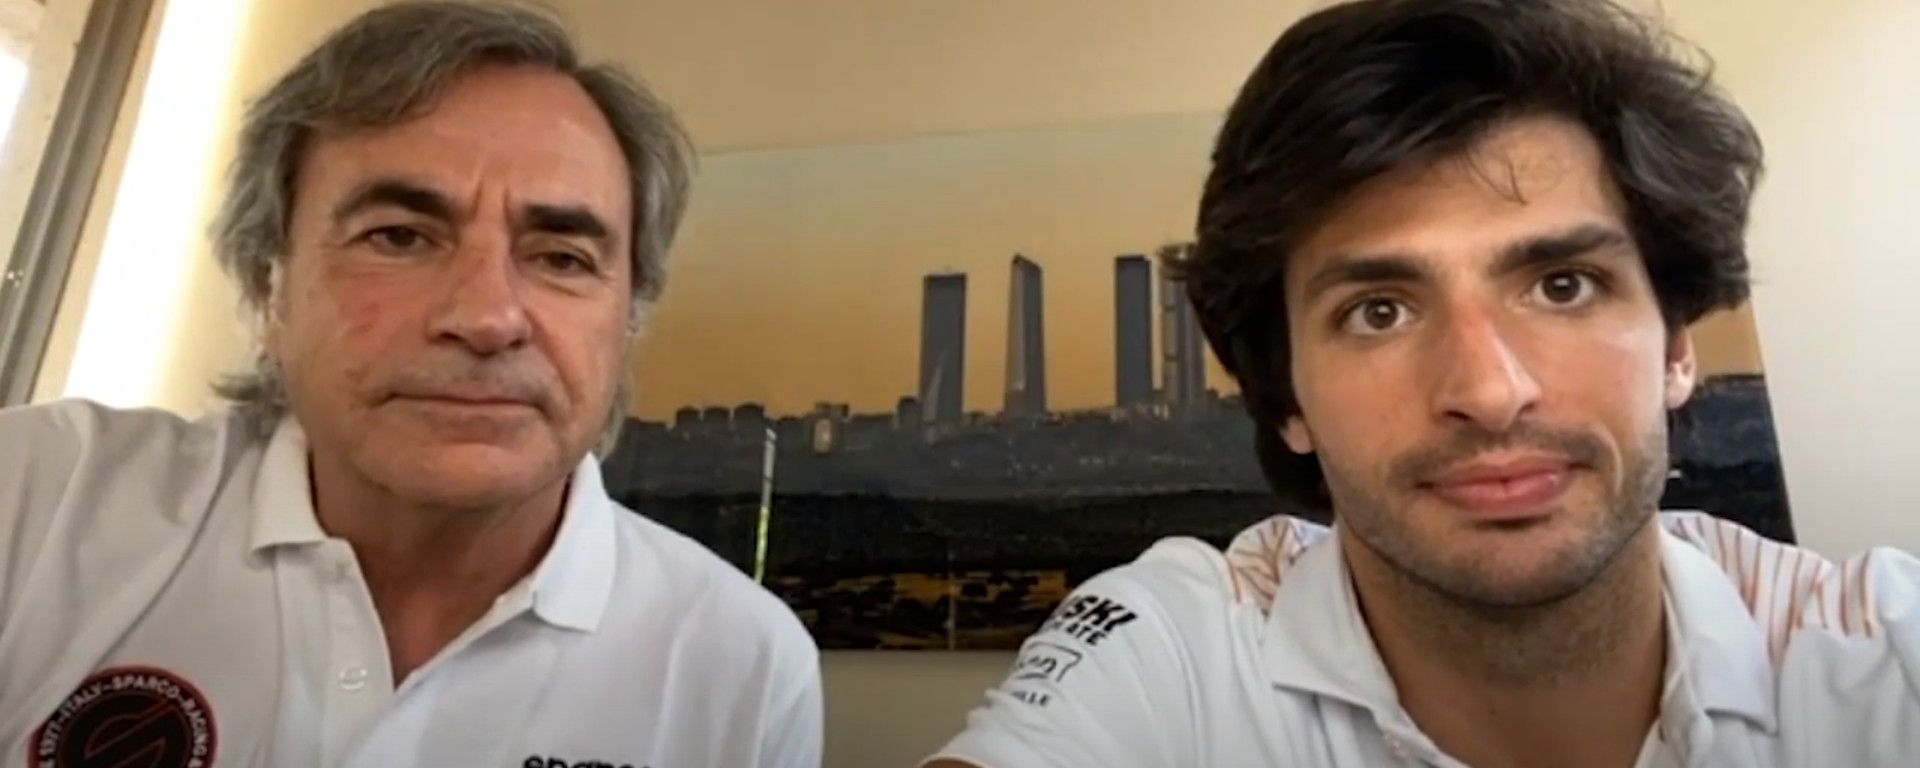 """Sainz Jr sfida il padre: """"In futuro forse in una Dakar"""""""